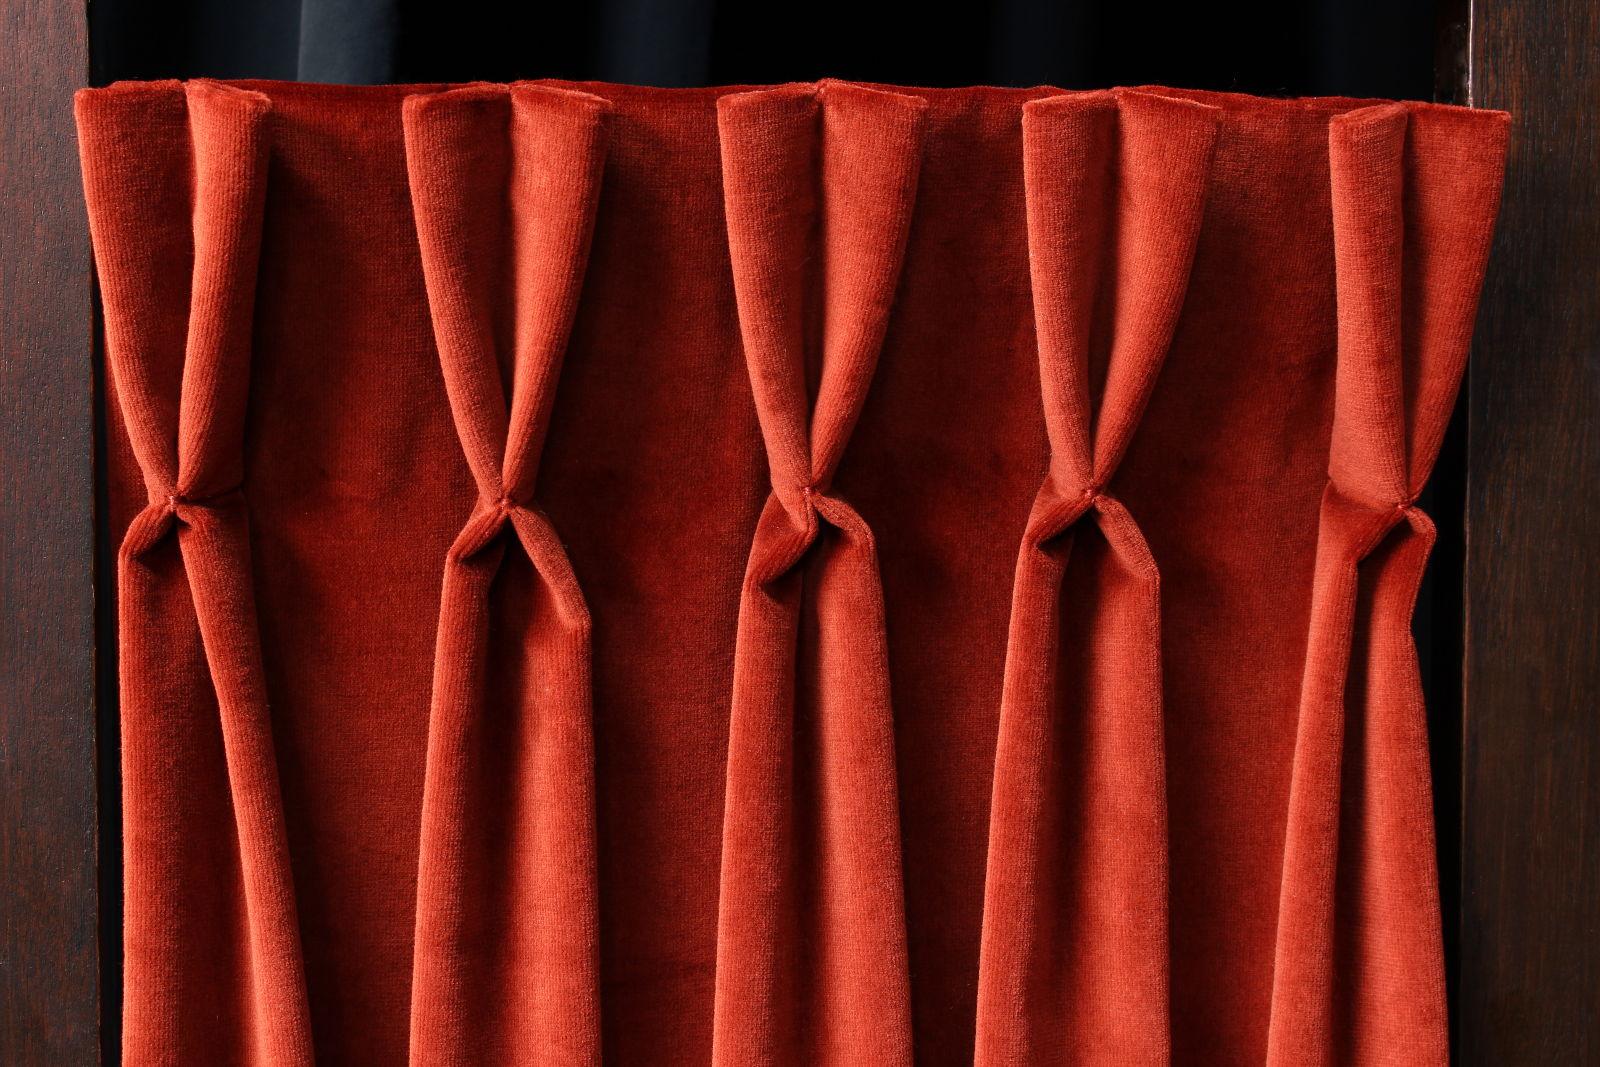 t te de rideaux tapissi re d couvrir m tissage mati res. Black Bedroom Furniture Sets. Home Design Ideas